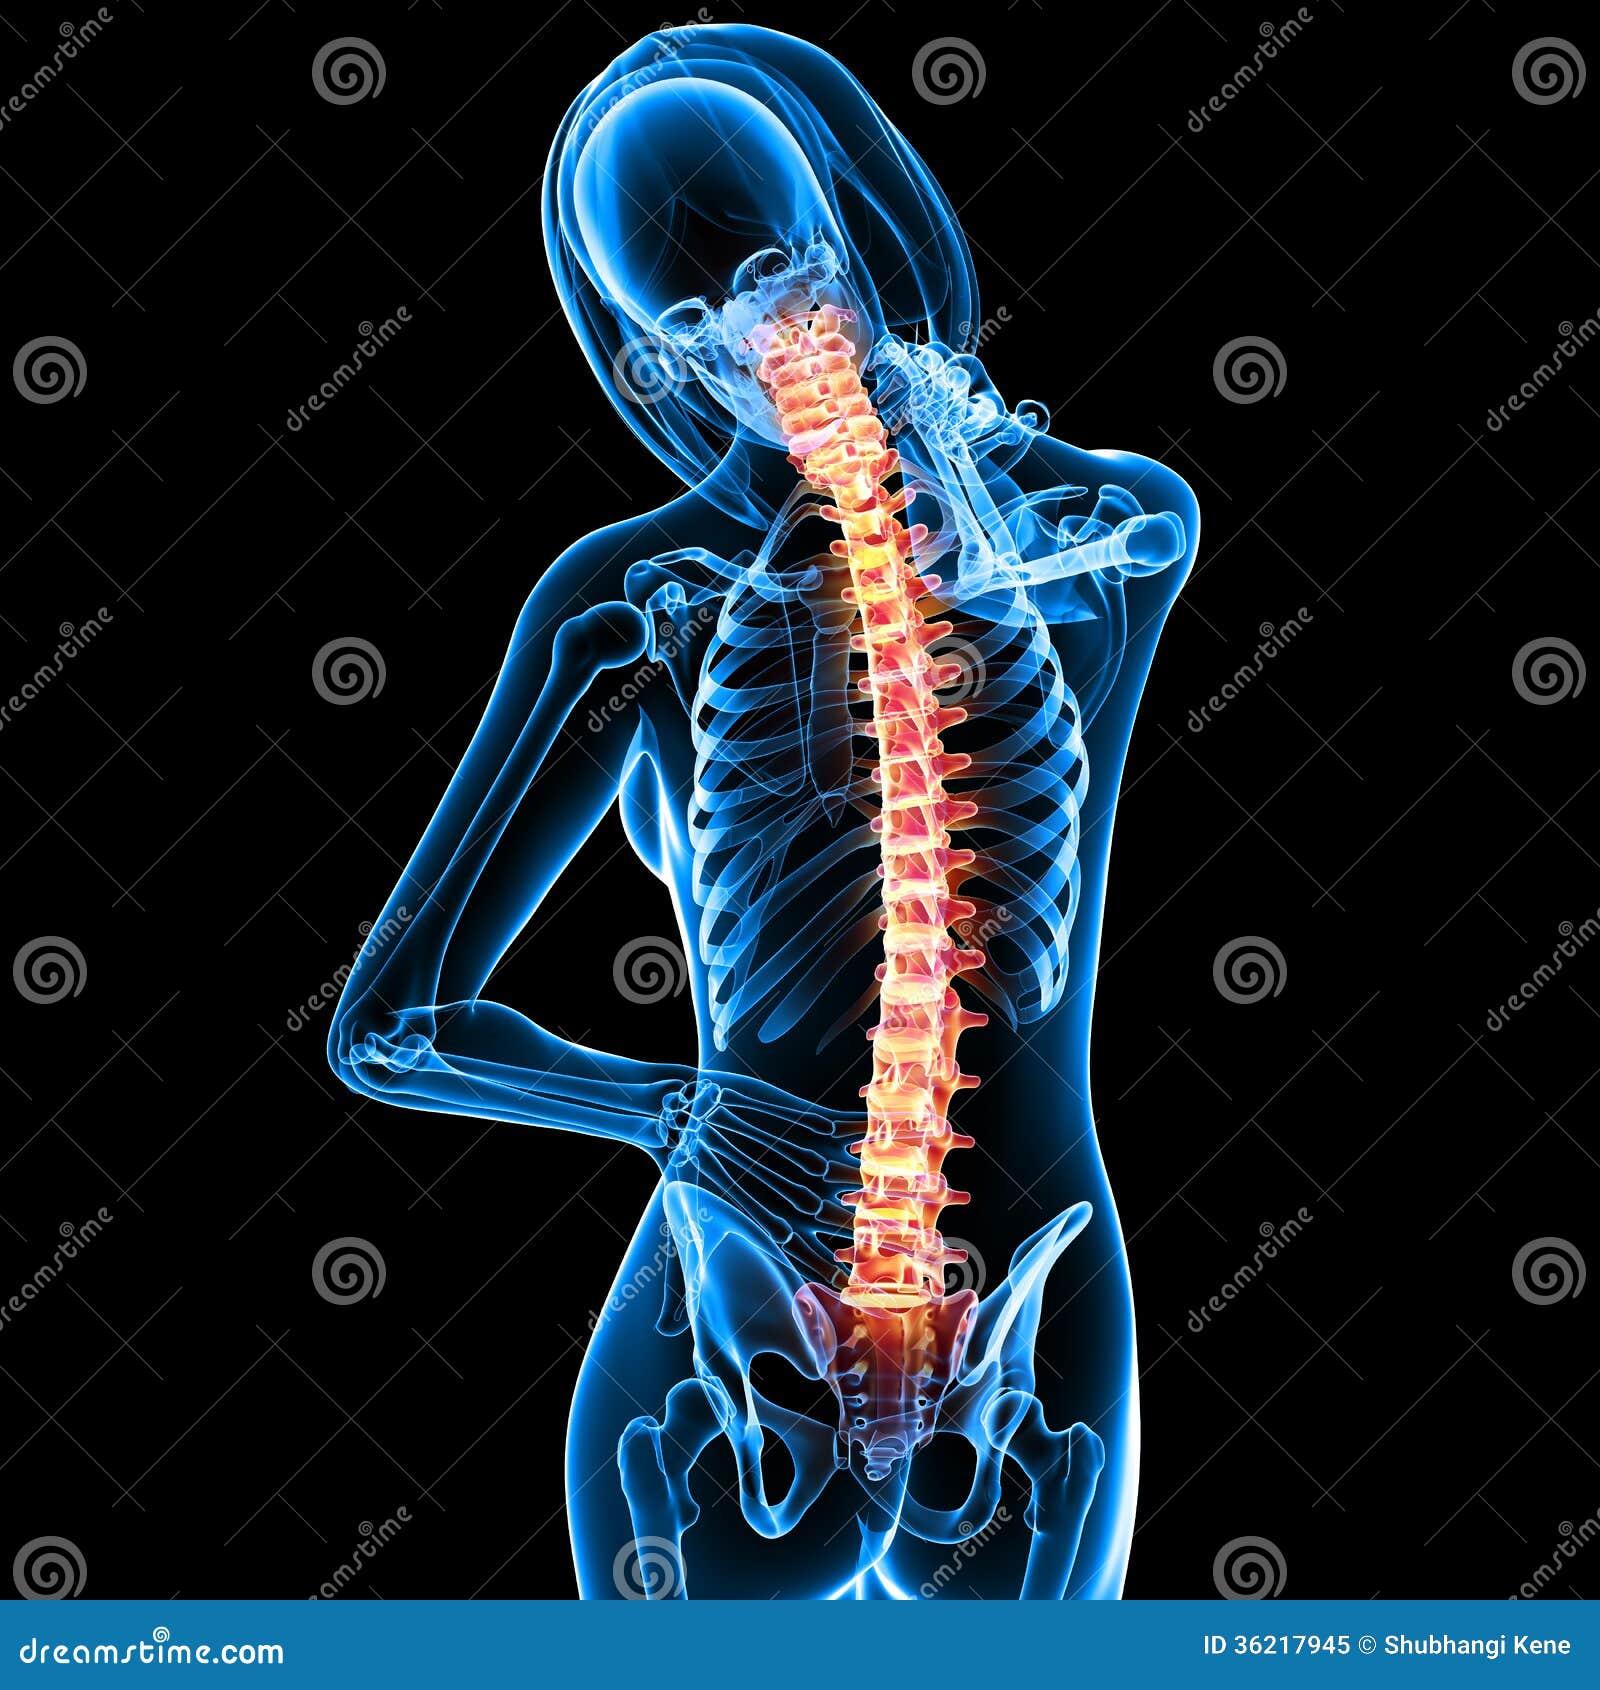 female back pain royalty free stock photo image 36217945